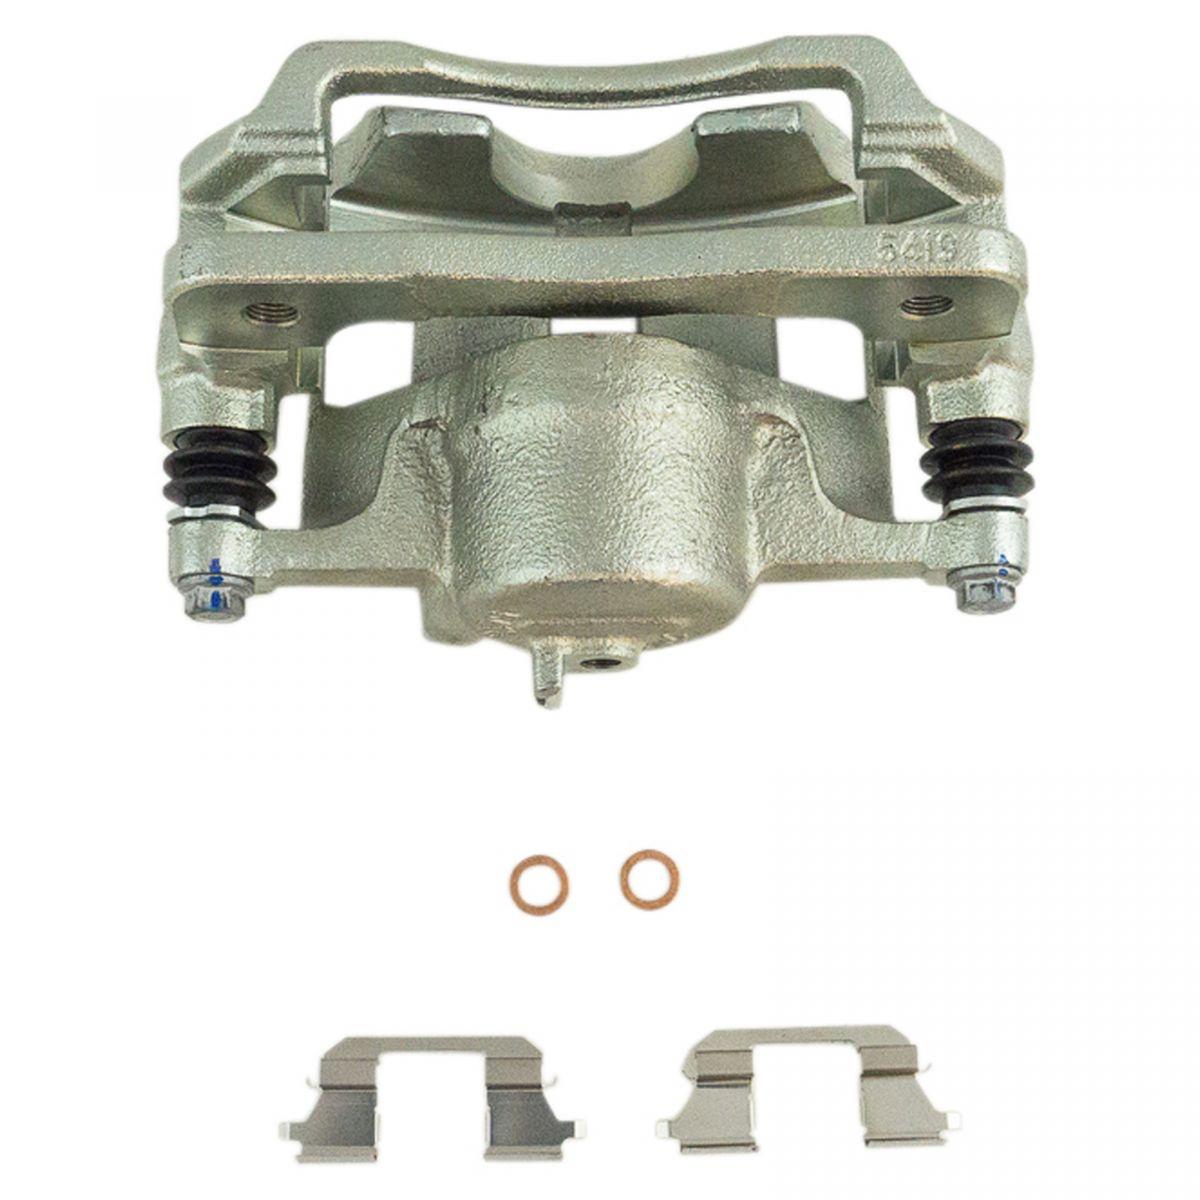 Front Disc Brake Caliper Hardware LH /& RH Kit Set for Honda Civic Insight New